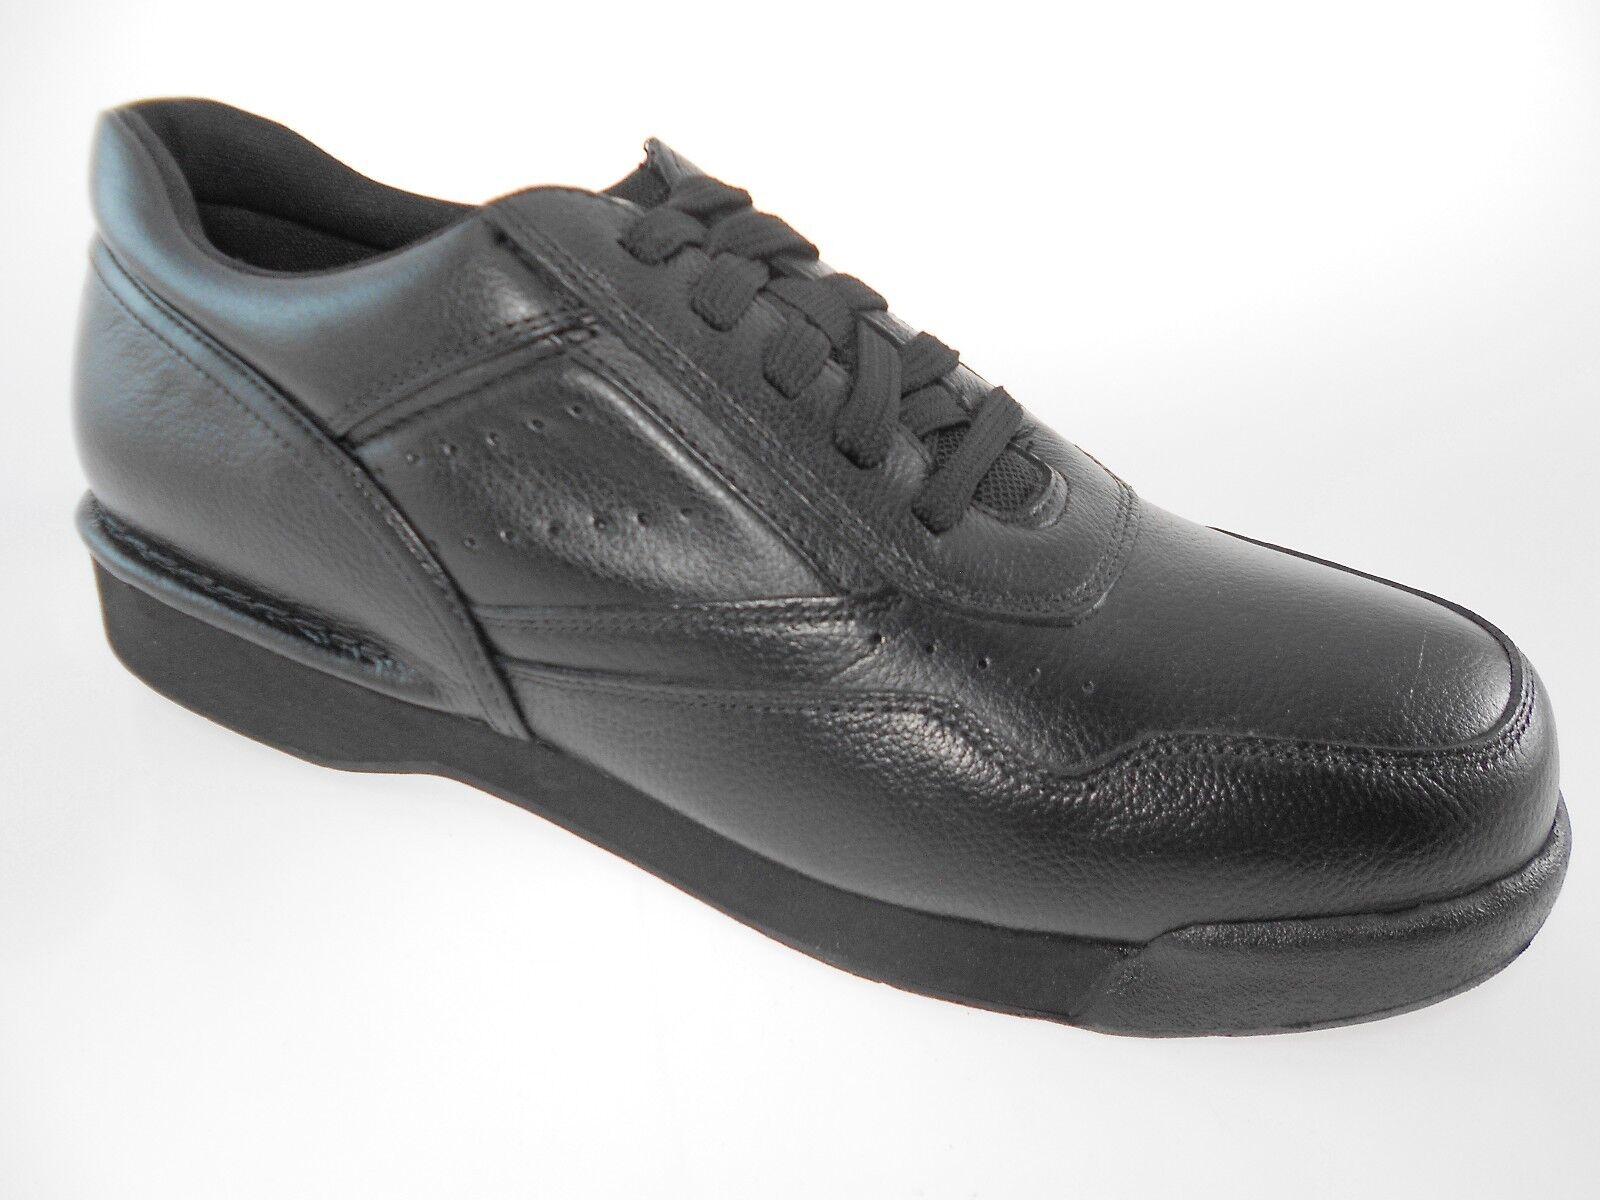 VANS Chukka Low Black Dura-Suede Blue 7 Men's Skate Shoes Size 7 Blue 0f0e4c